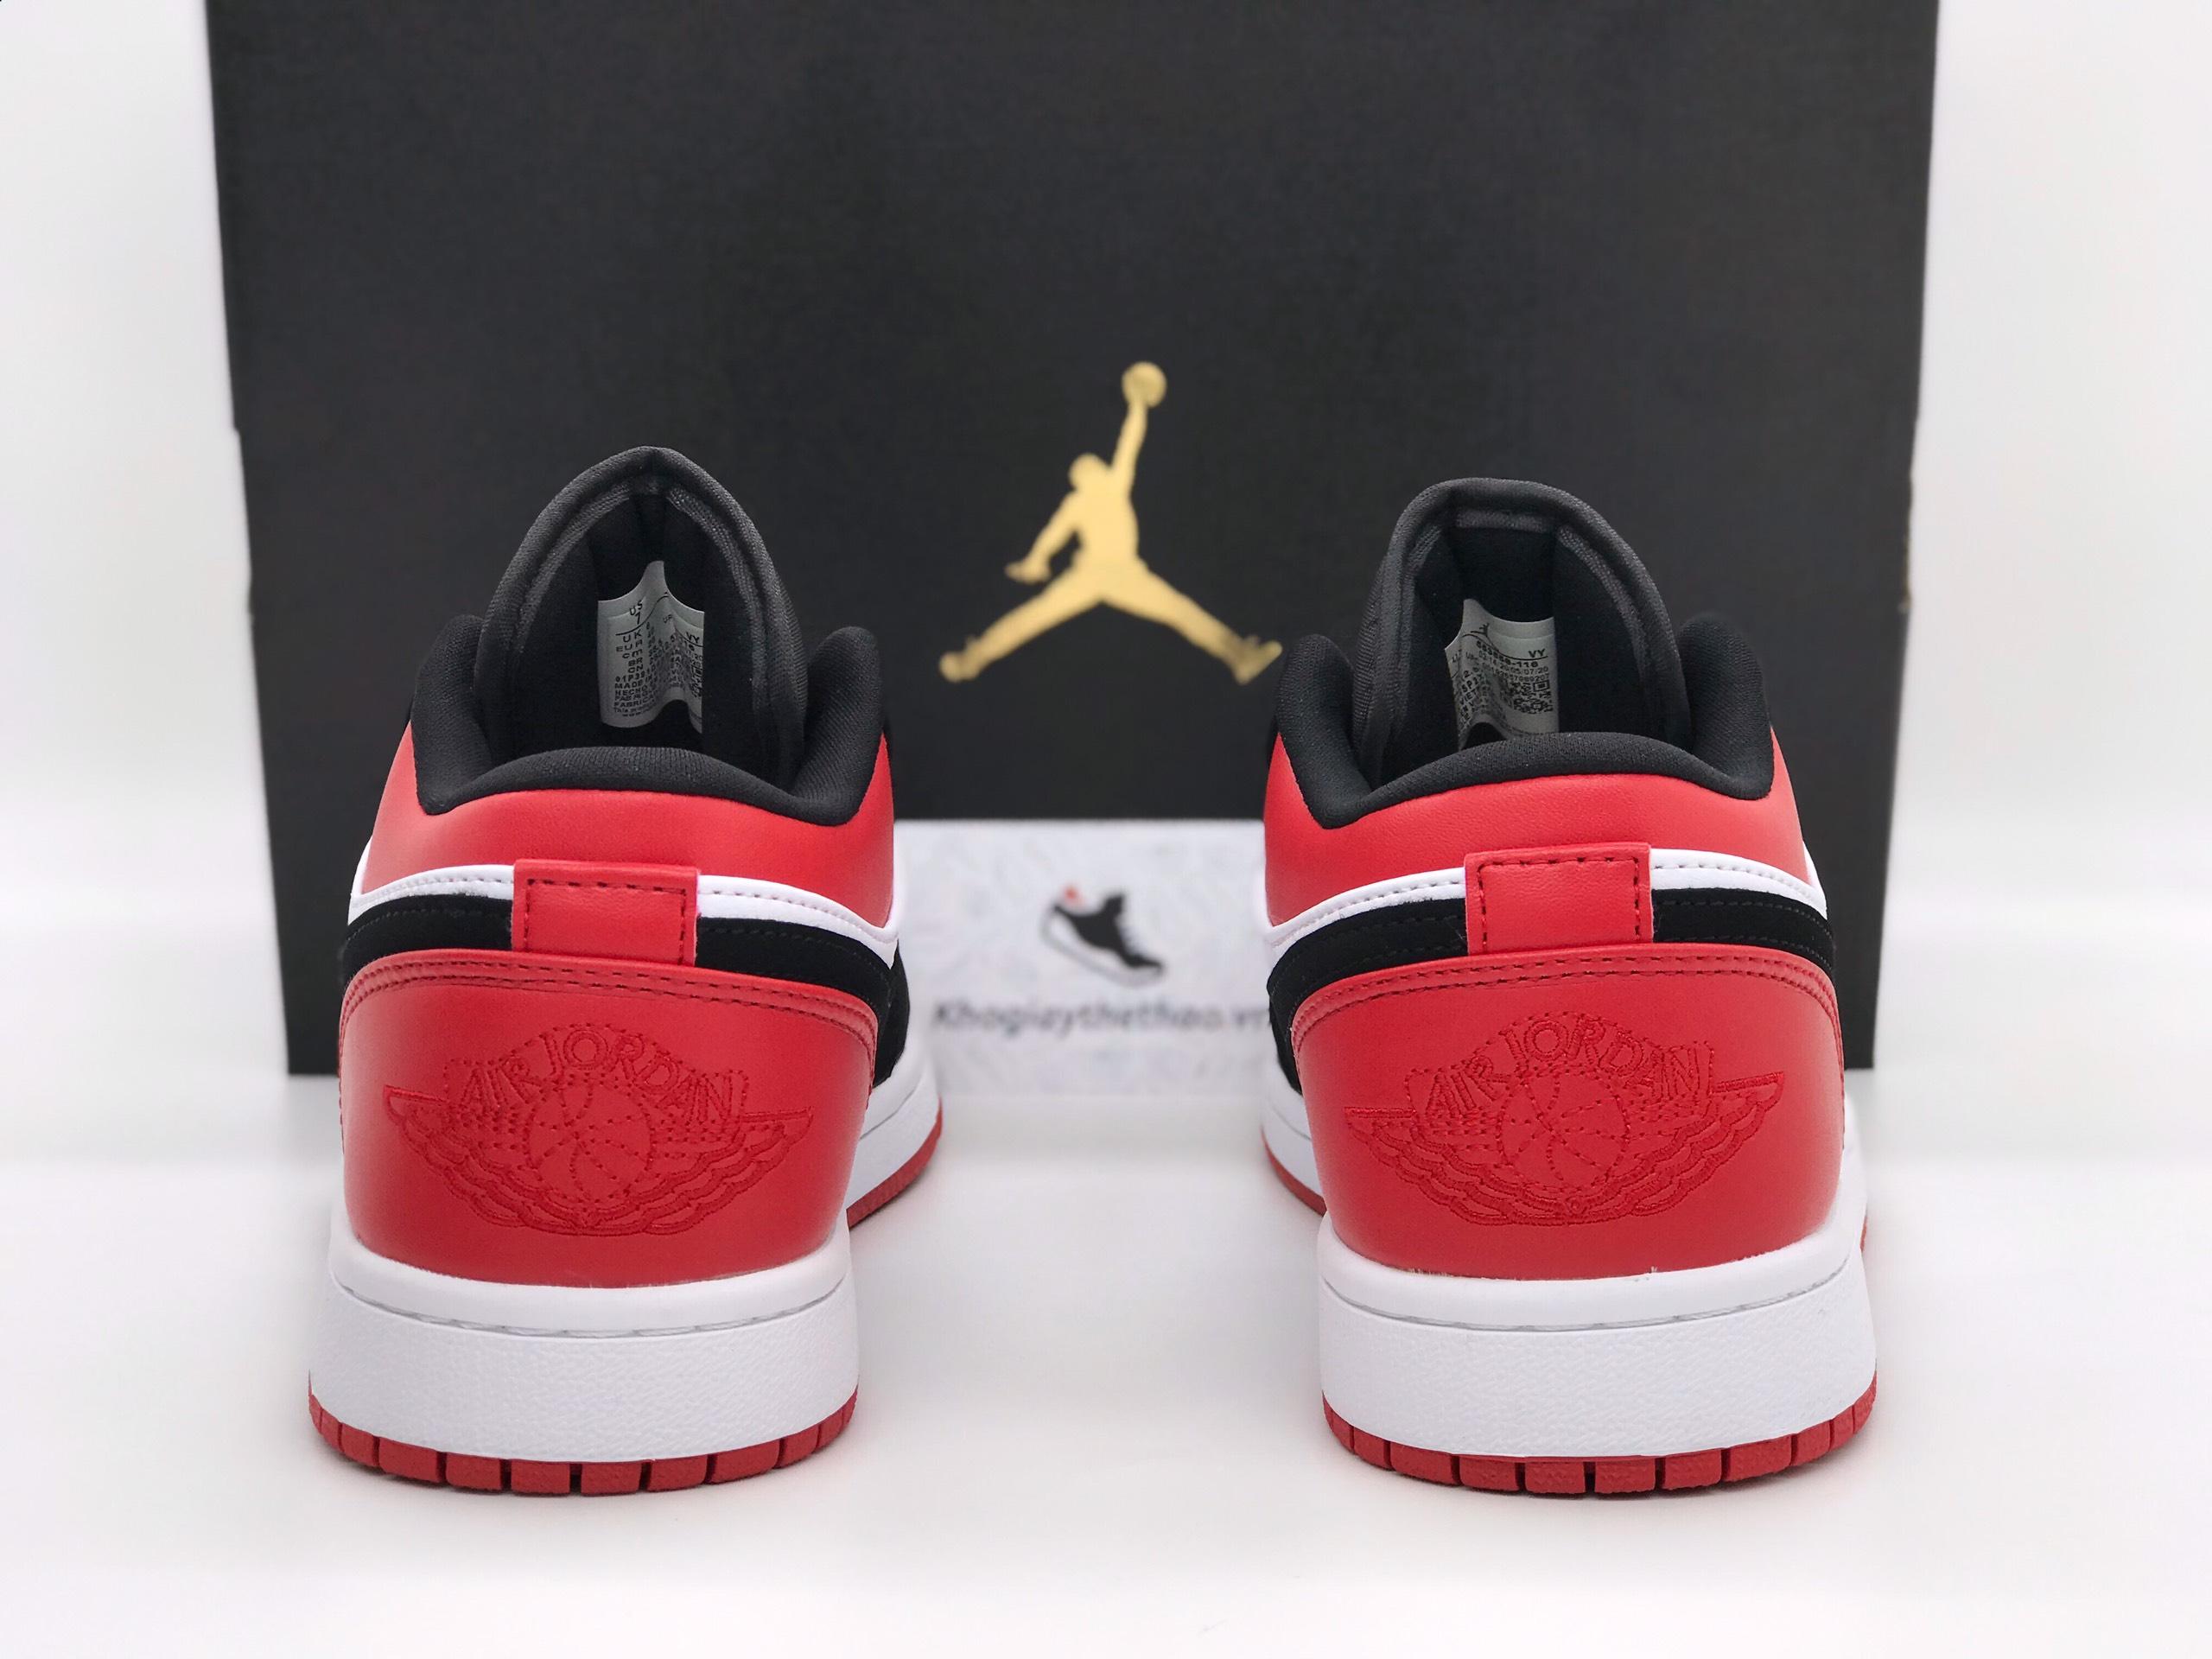 giày nike air jordan 1 low black toe rep